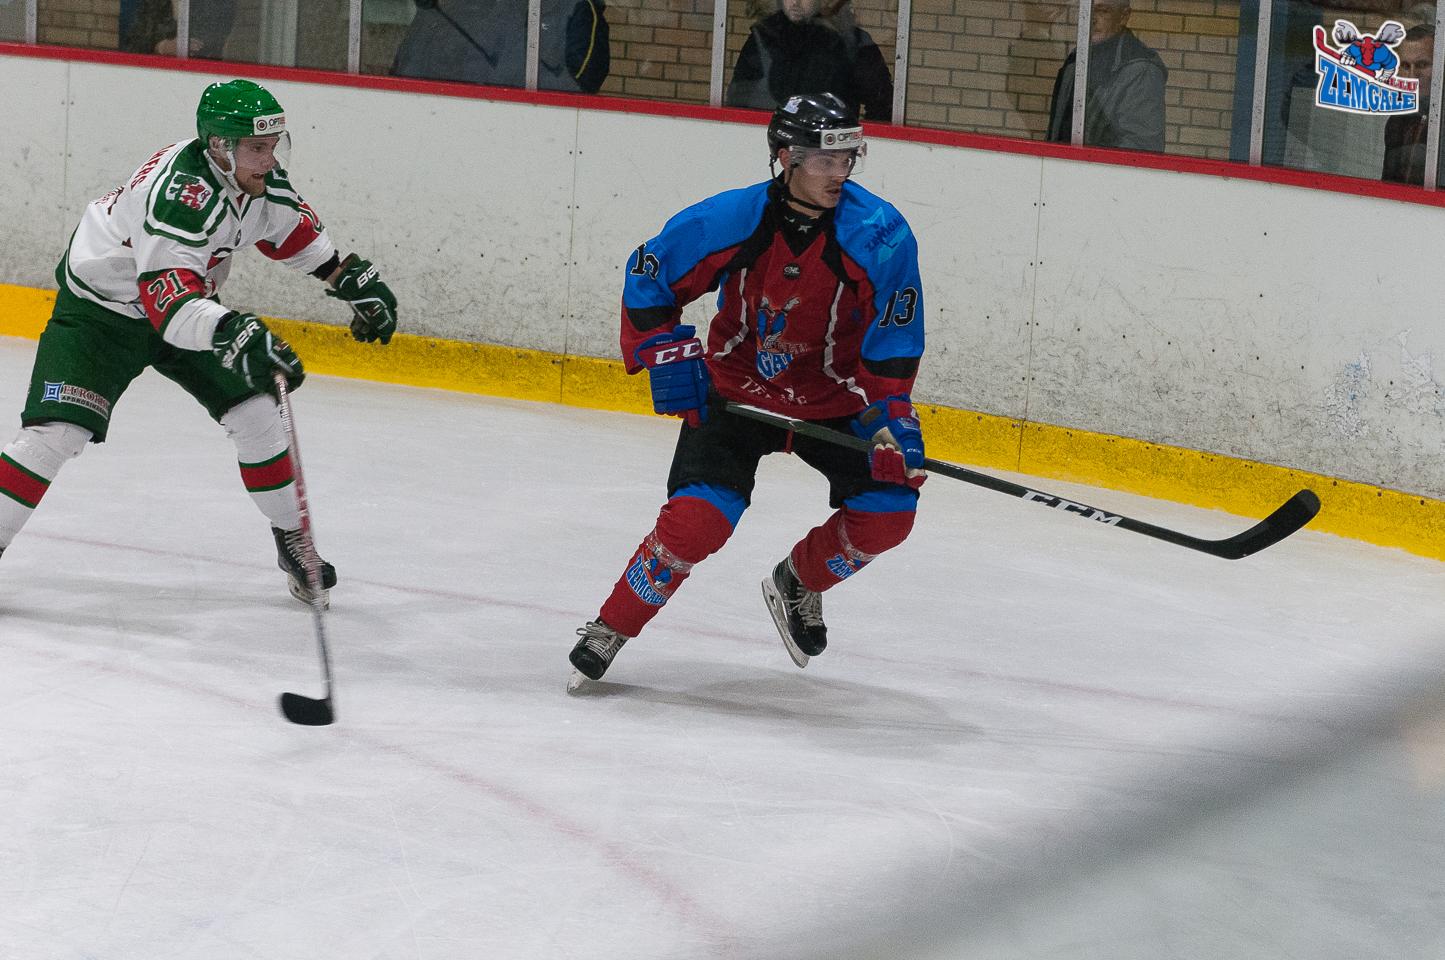 Optibet hokeja līgas spēle starp Zemgale/LLU un Liepāja/Optibet Jelgava ledus hallē 2017. gada 01. novembrī.